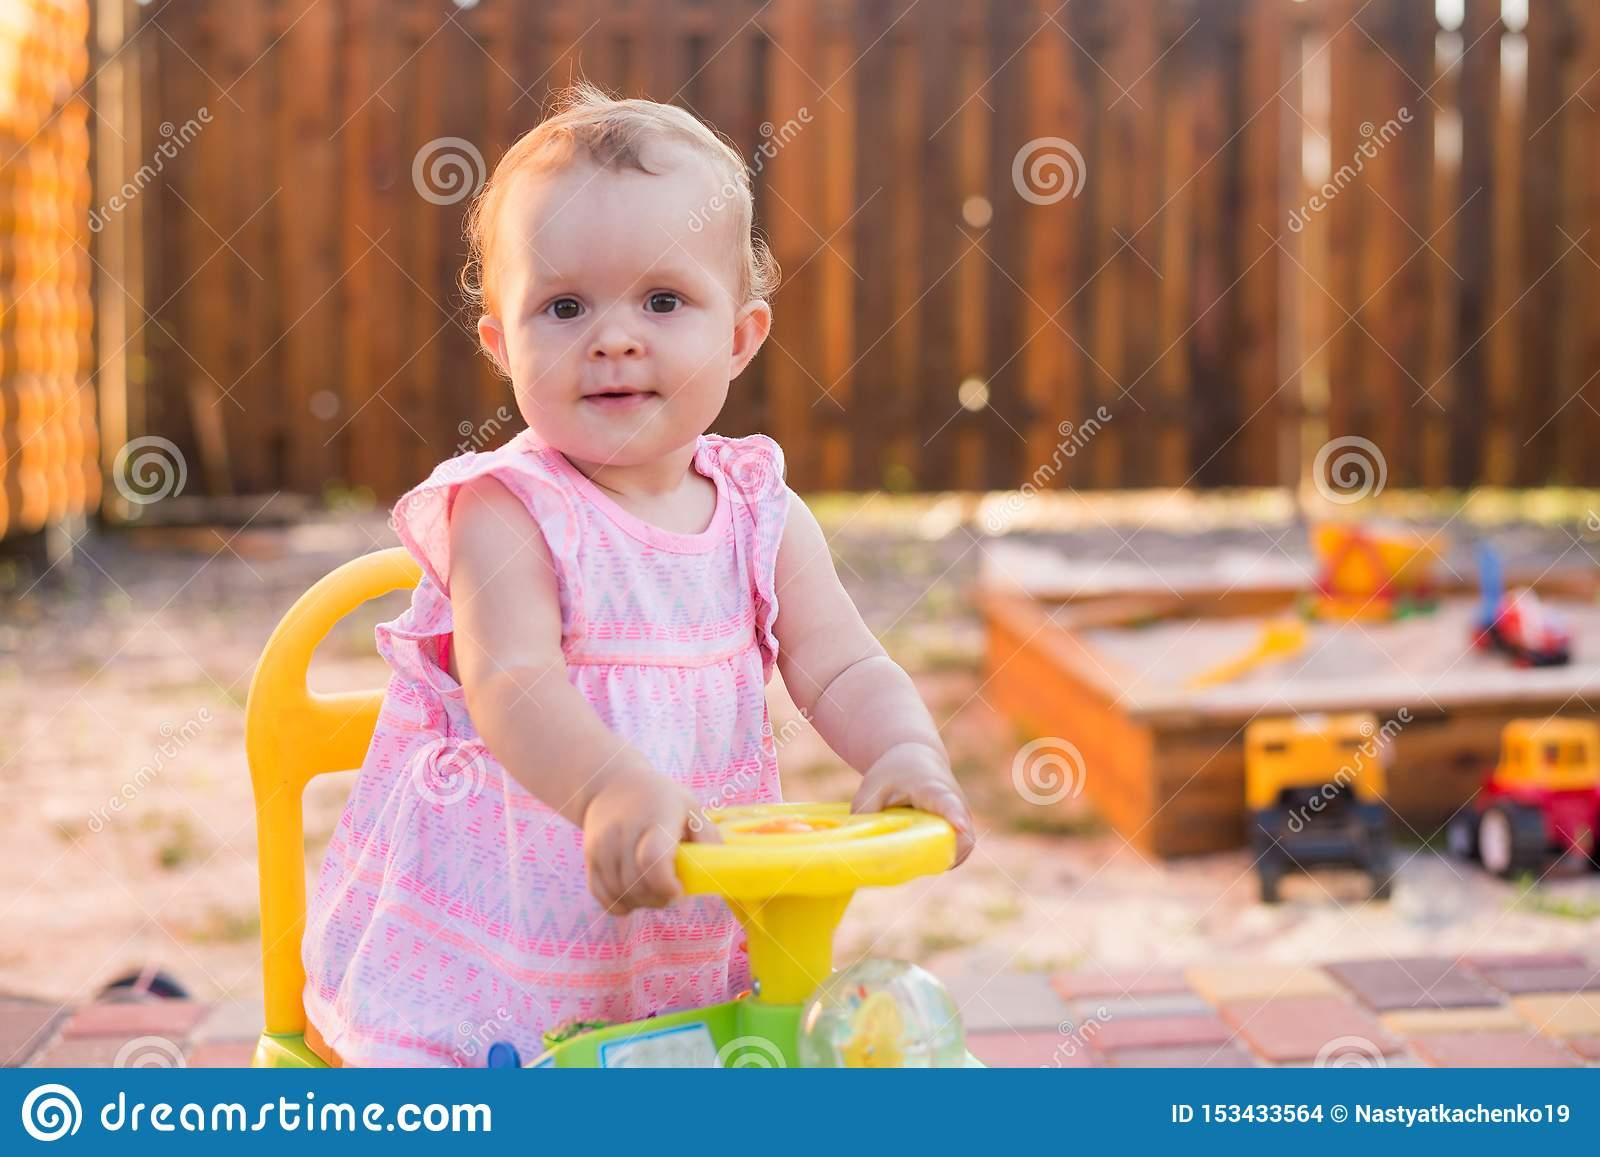 Bébé Conduisant Une Voiture De Jouet Au Terrain De Jeu tout Jeux Voiture Bebe